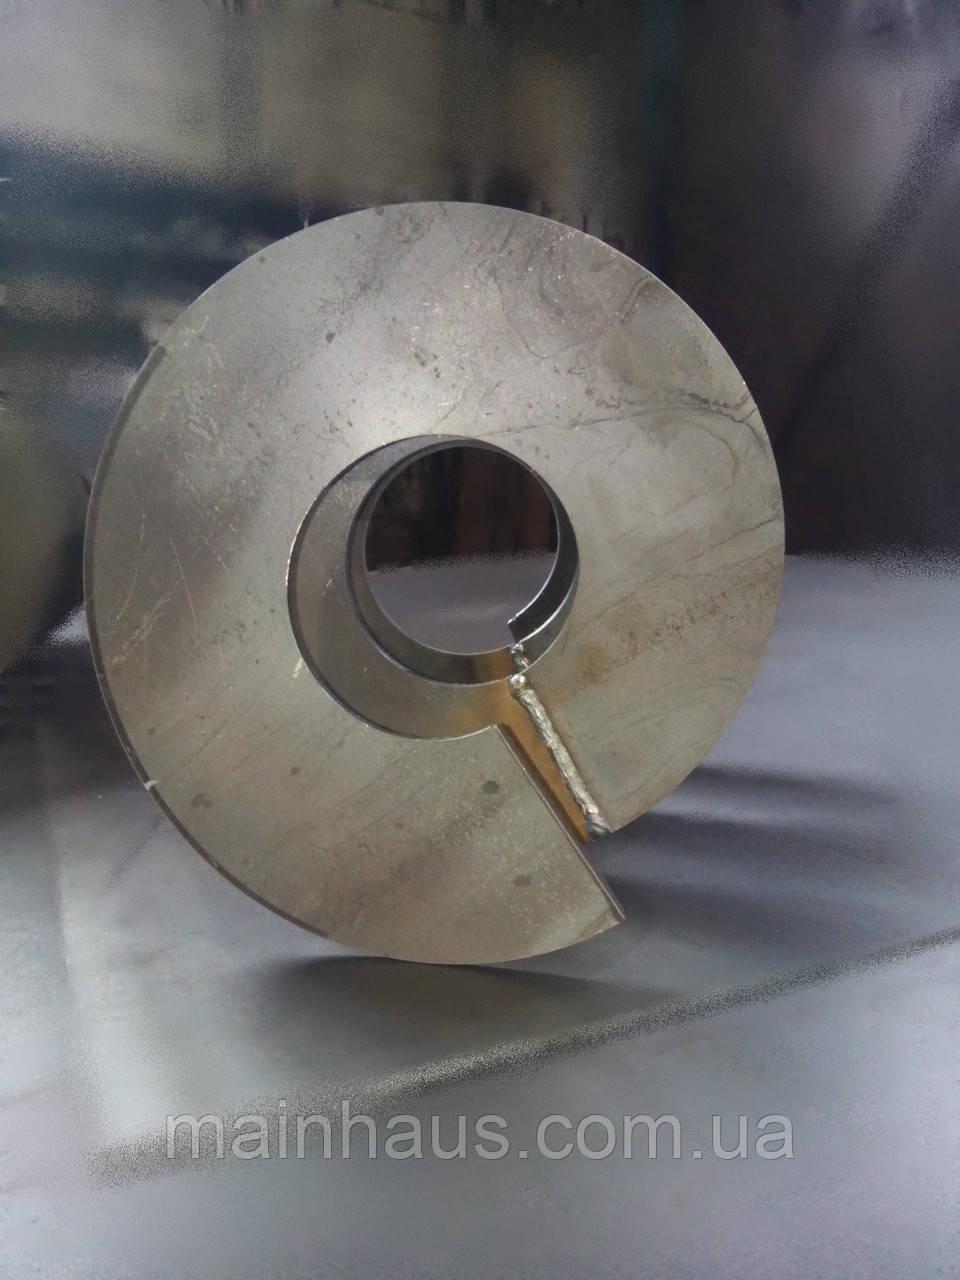 """Сегментная шнековая спираль Ø110 мм. без внутреннего вала. - ТОВ """"МАЙНХАУС"""" в Сумах"""